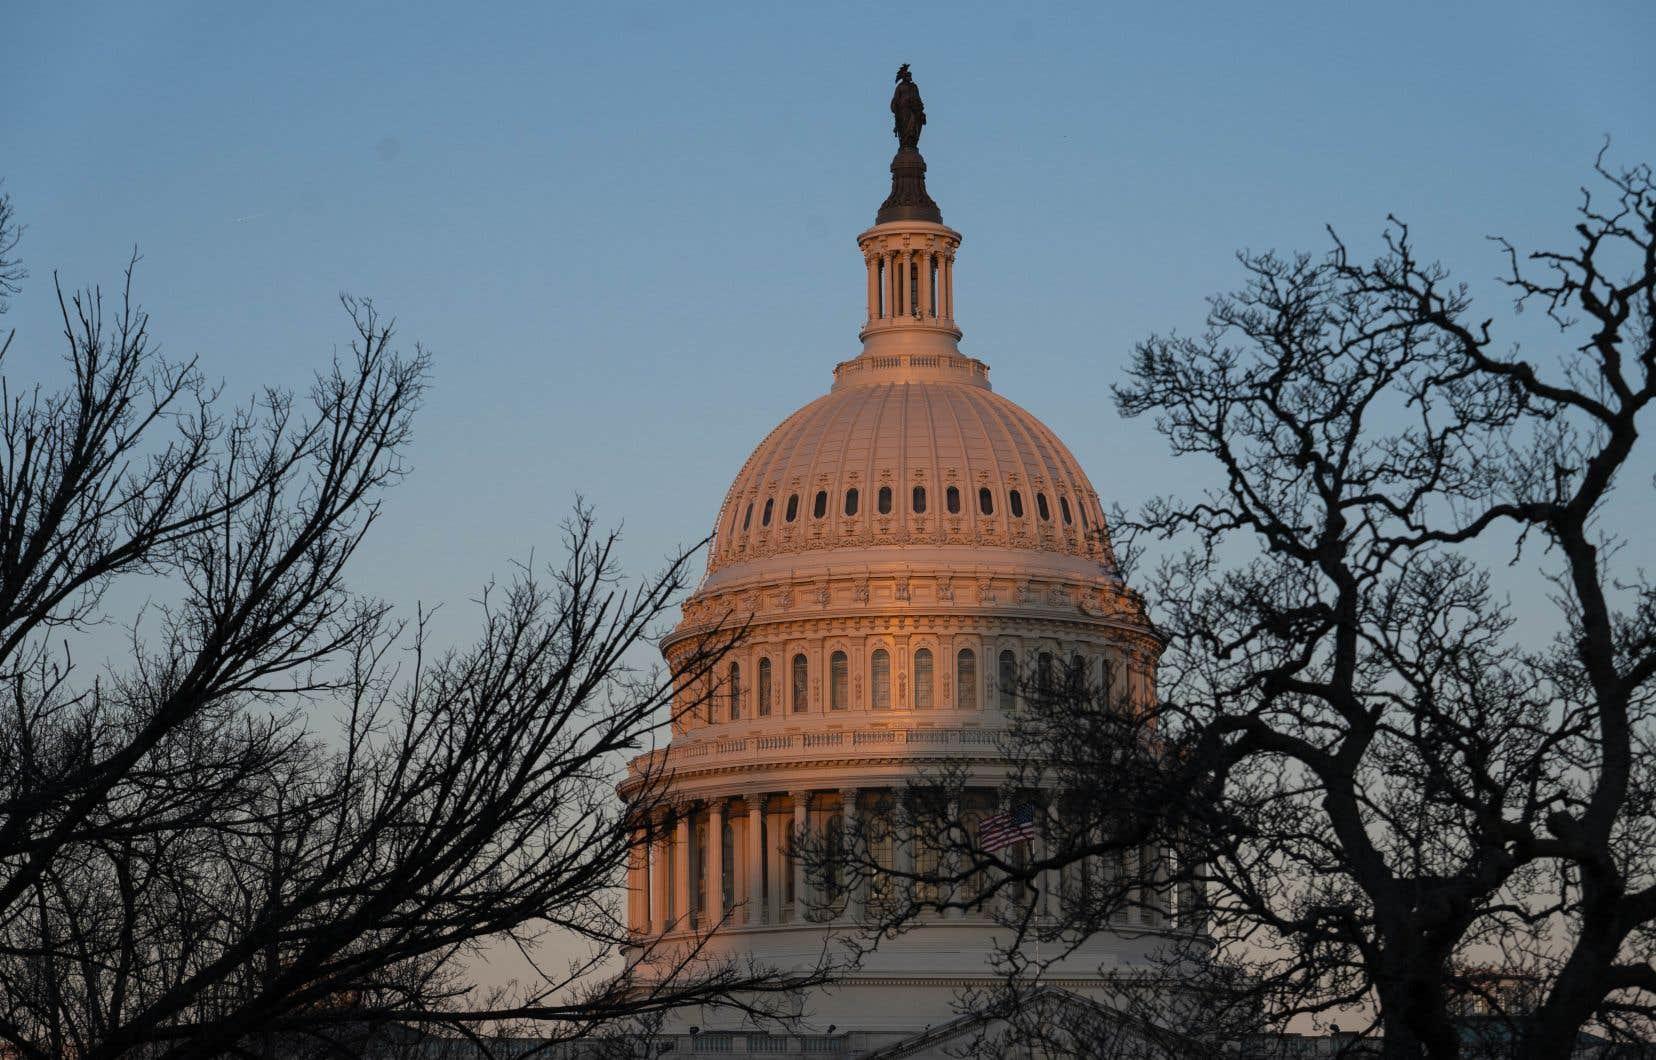 Le problème auquel les autorités américaines ont dû faire face le 6janvier dernier à Washington n'était pas une incapacité à réagir, mais une incapacité à anticiper la menace, selon Martha Crenshaw, professeure à l'Université Stanford.